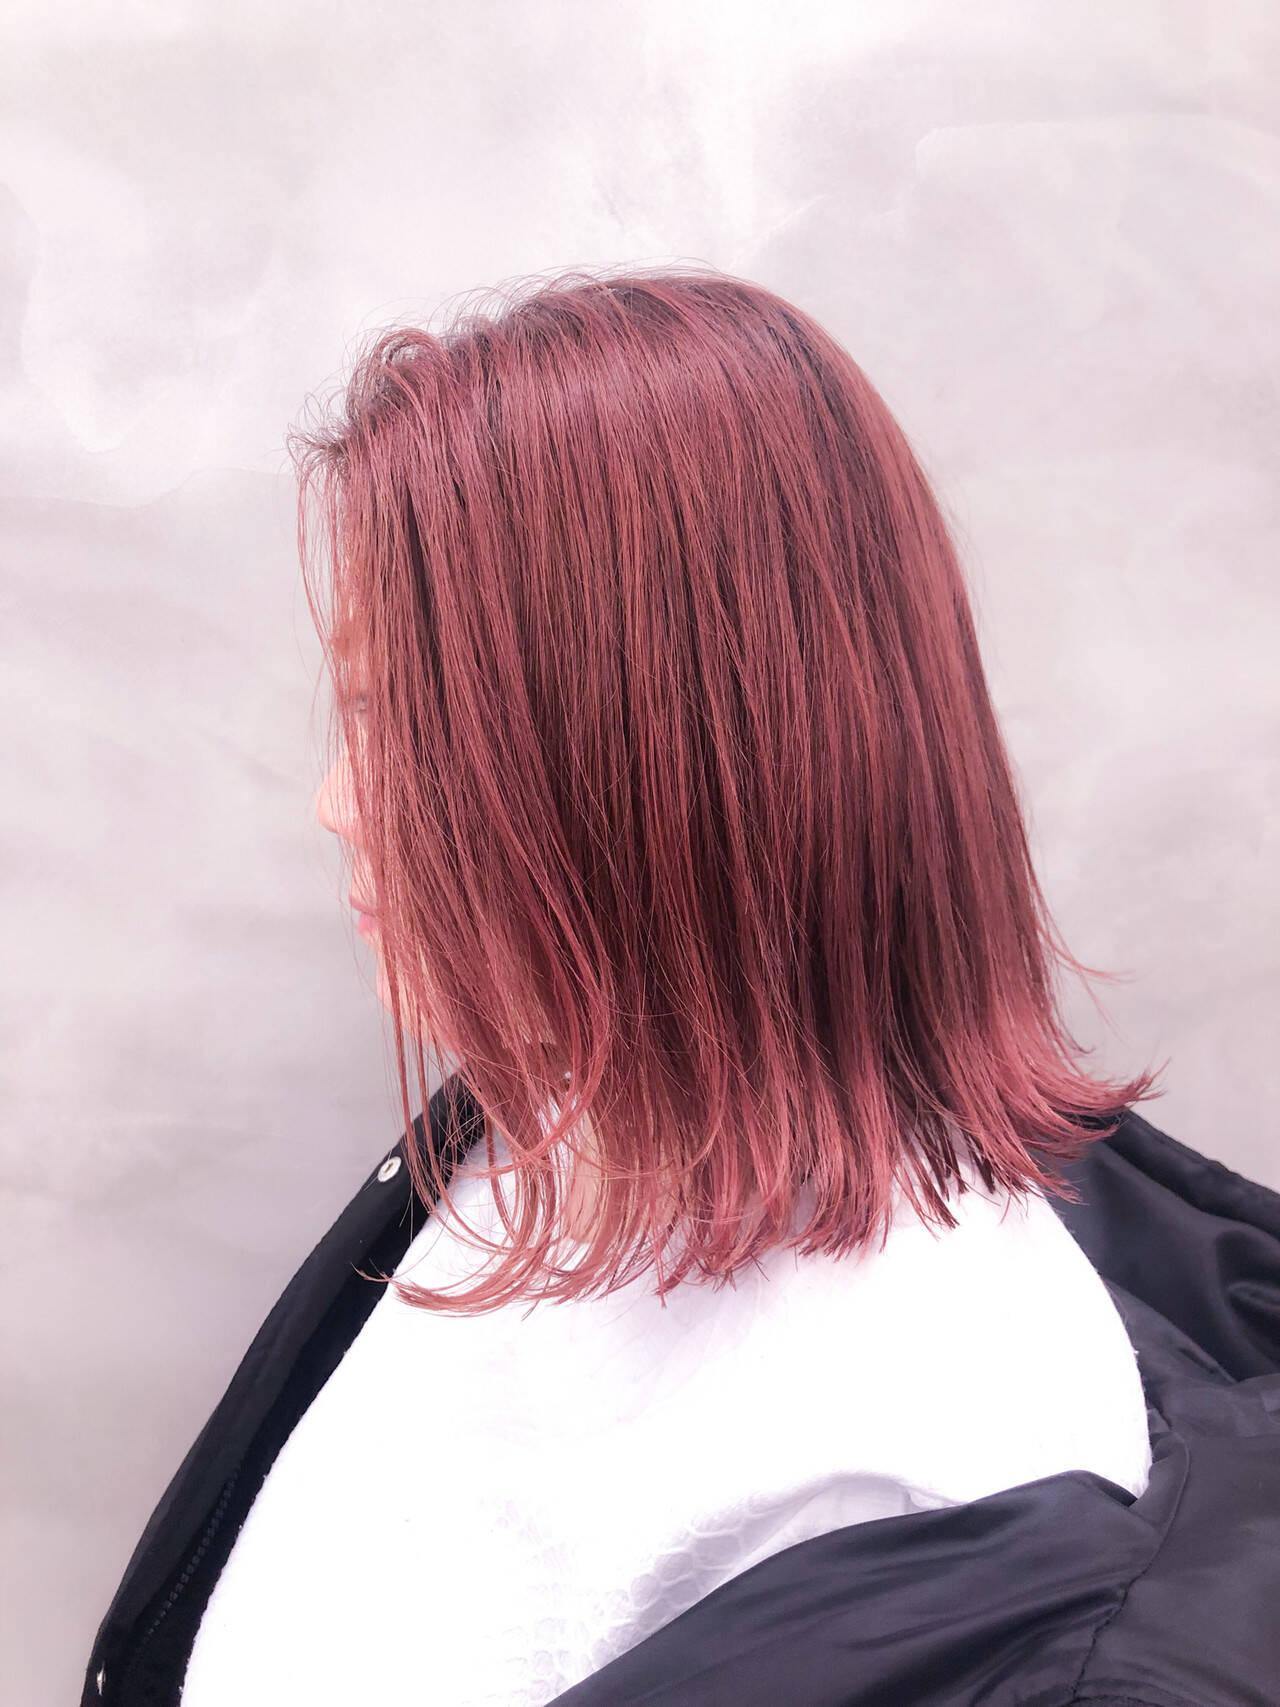 パールピンク 切りっぱなしボブ 大人カジュアル 切りっぱなしヘアスタイルや髪型の写真・画像